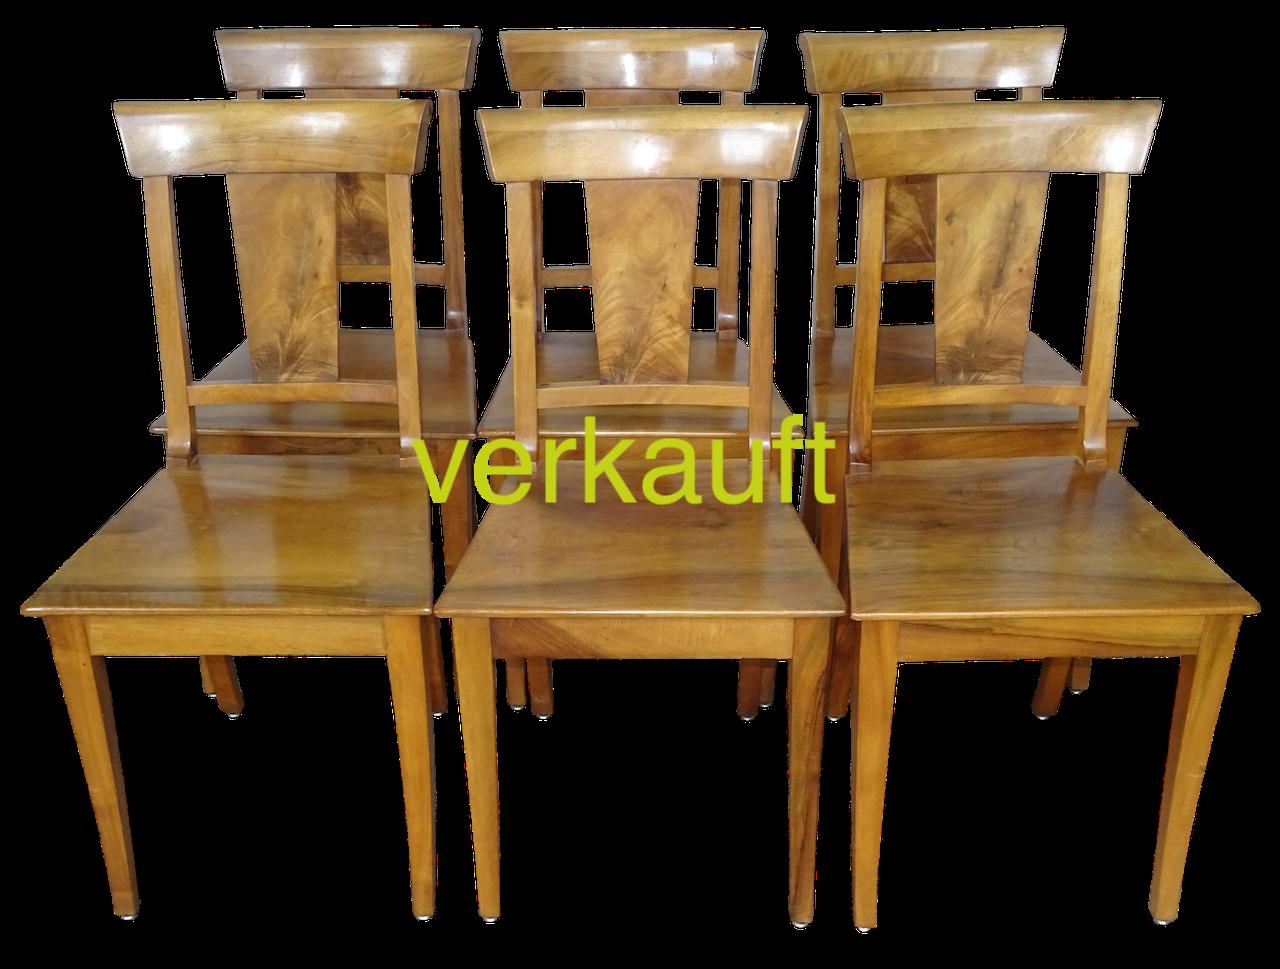 Edeltrödel Möbel » – Sitzmöbel Verkauft Antike dtQshxrC